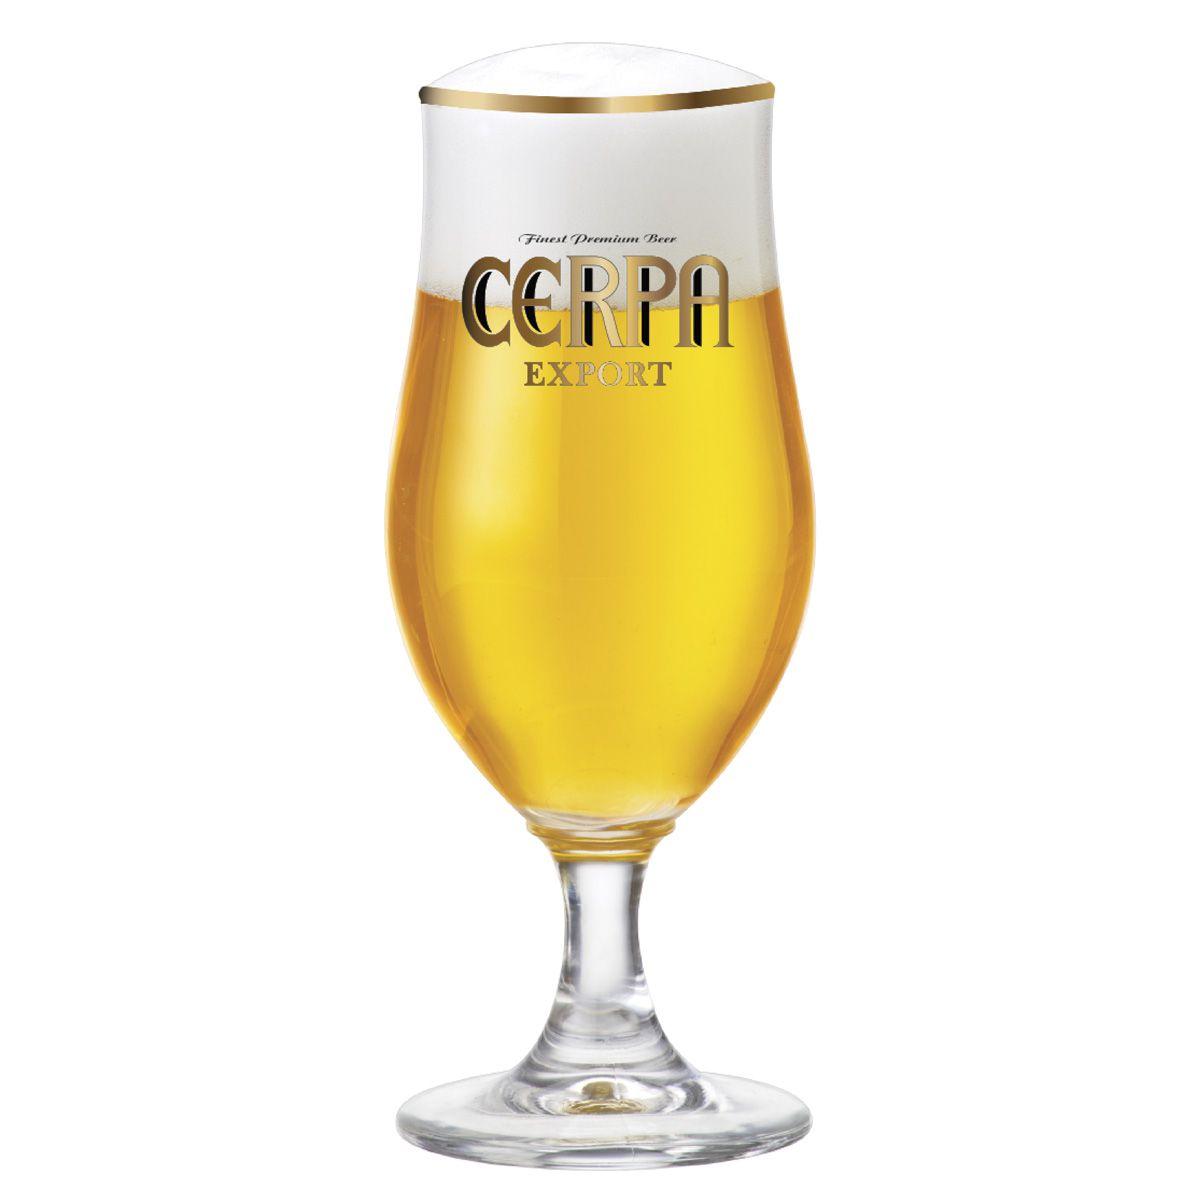 Taça de Cerveja Cristal Cerpa Export 385ml